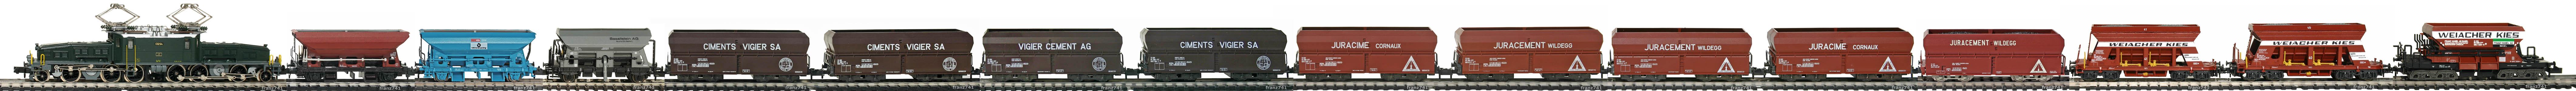 Epoche-IV-SBB-Schuettgutwagen-Gueterzug_Be-6-8-II-Elok-Gueterwagen-Typ-F